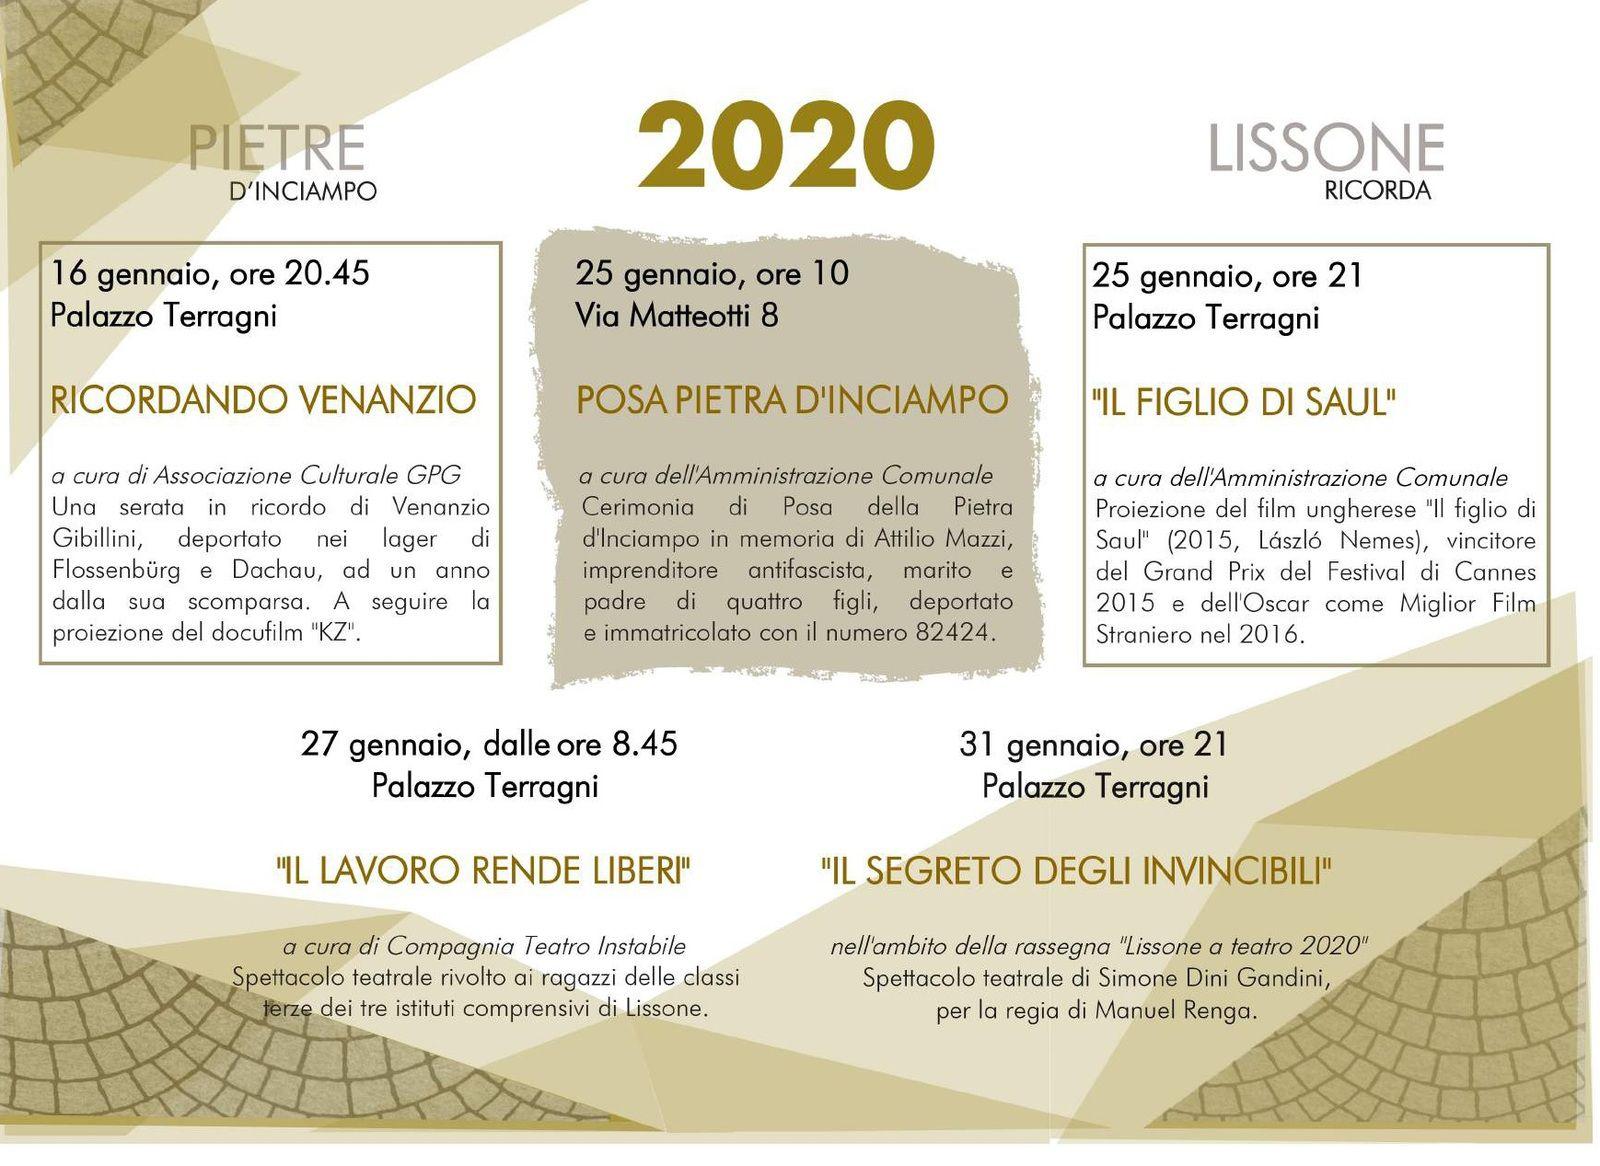 Lissone 2020 Pietra d'inciampo dedicata ad ATTILIO MAZZI